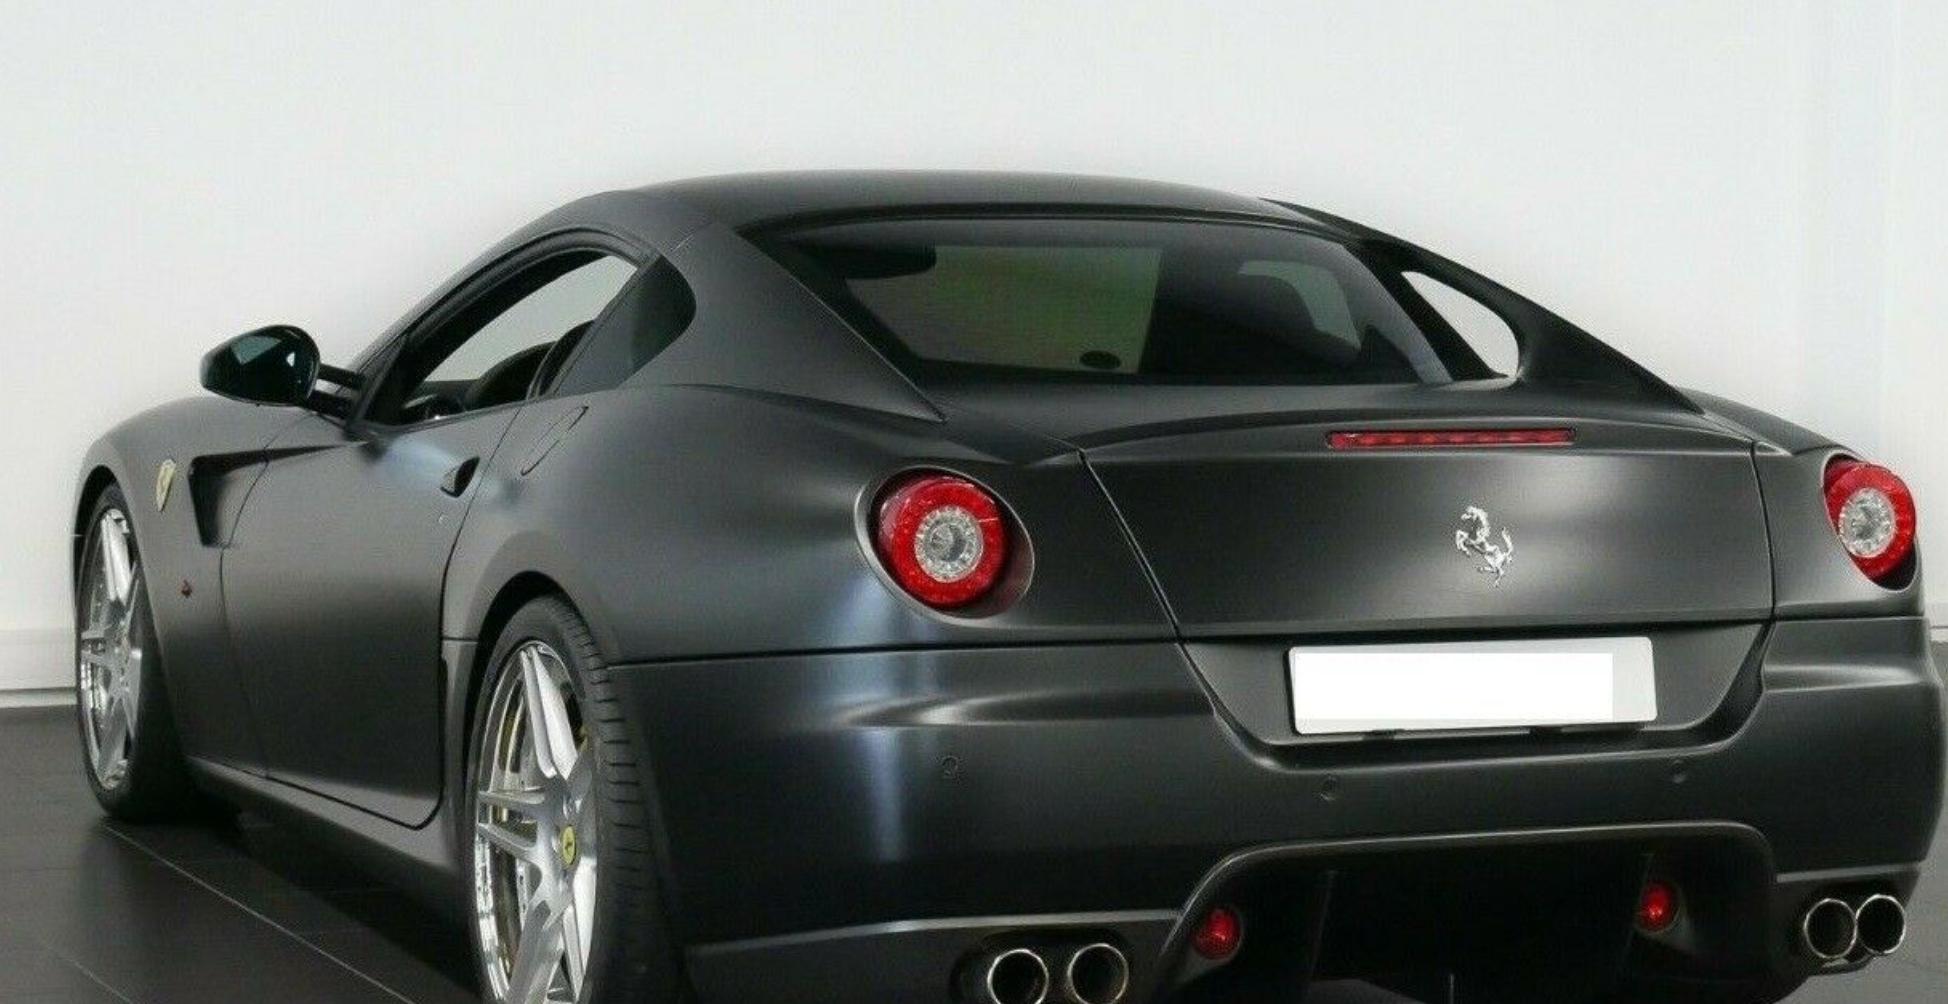 Få din egen Batmobil: Vild Ferrari sat til salg i Aalborg